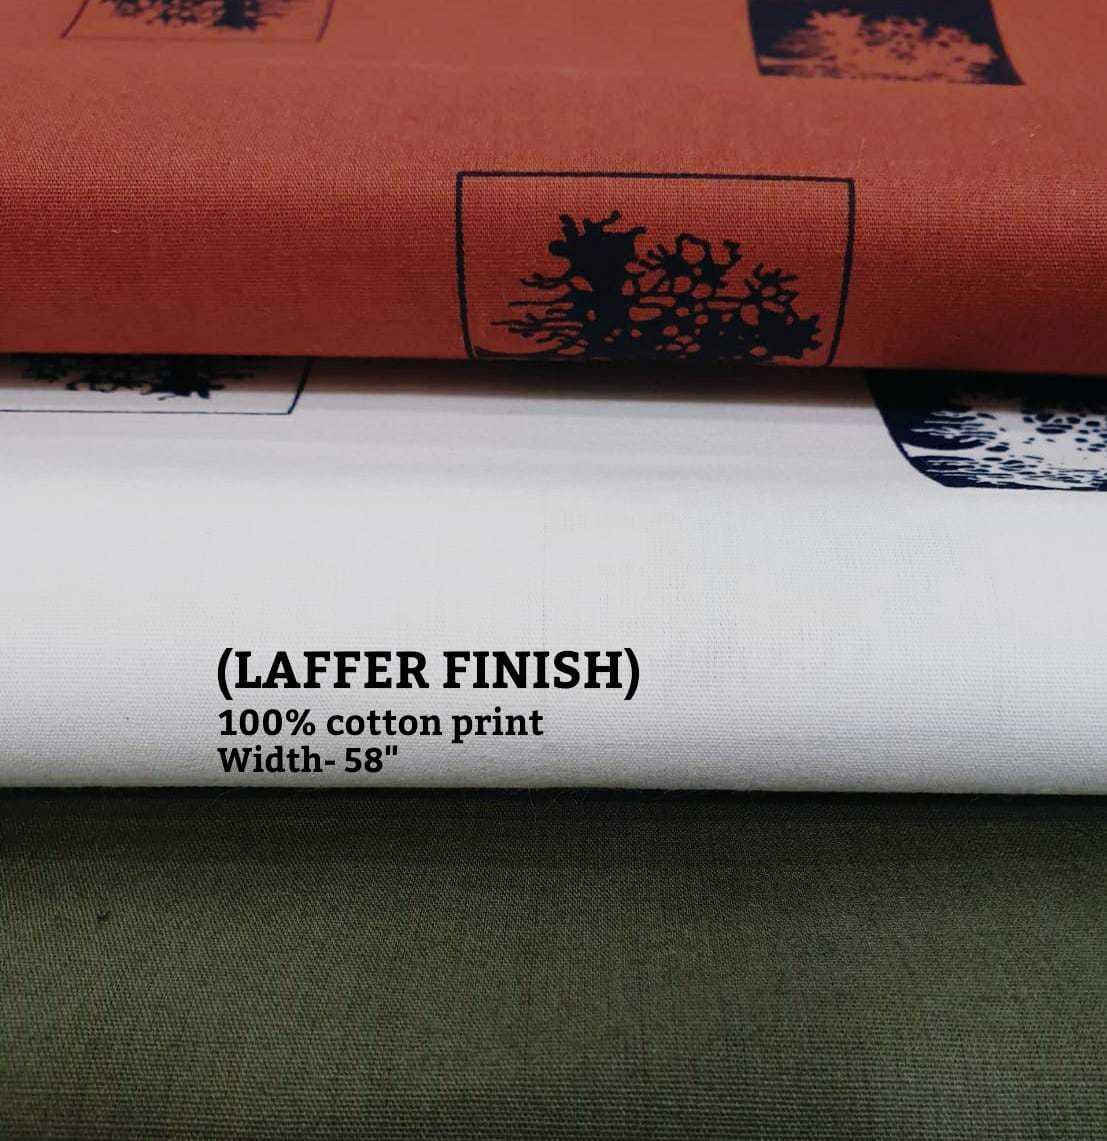 Laffer Finish Cotton Print